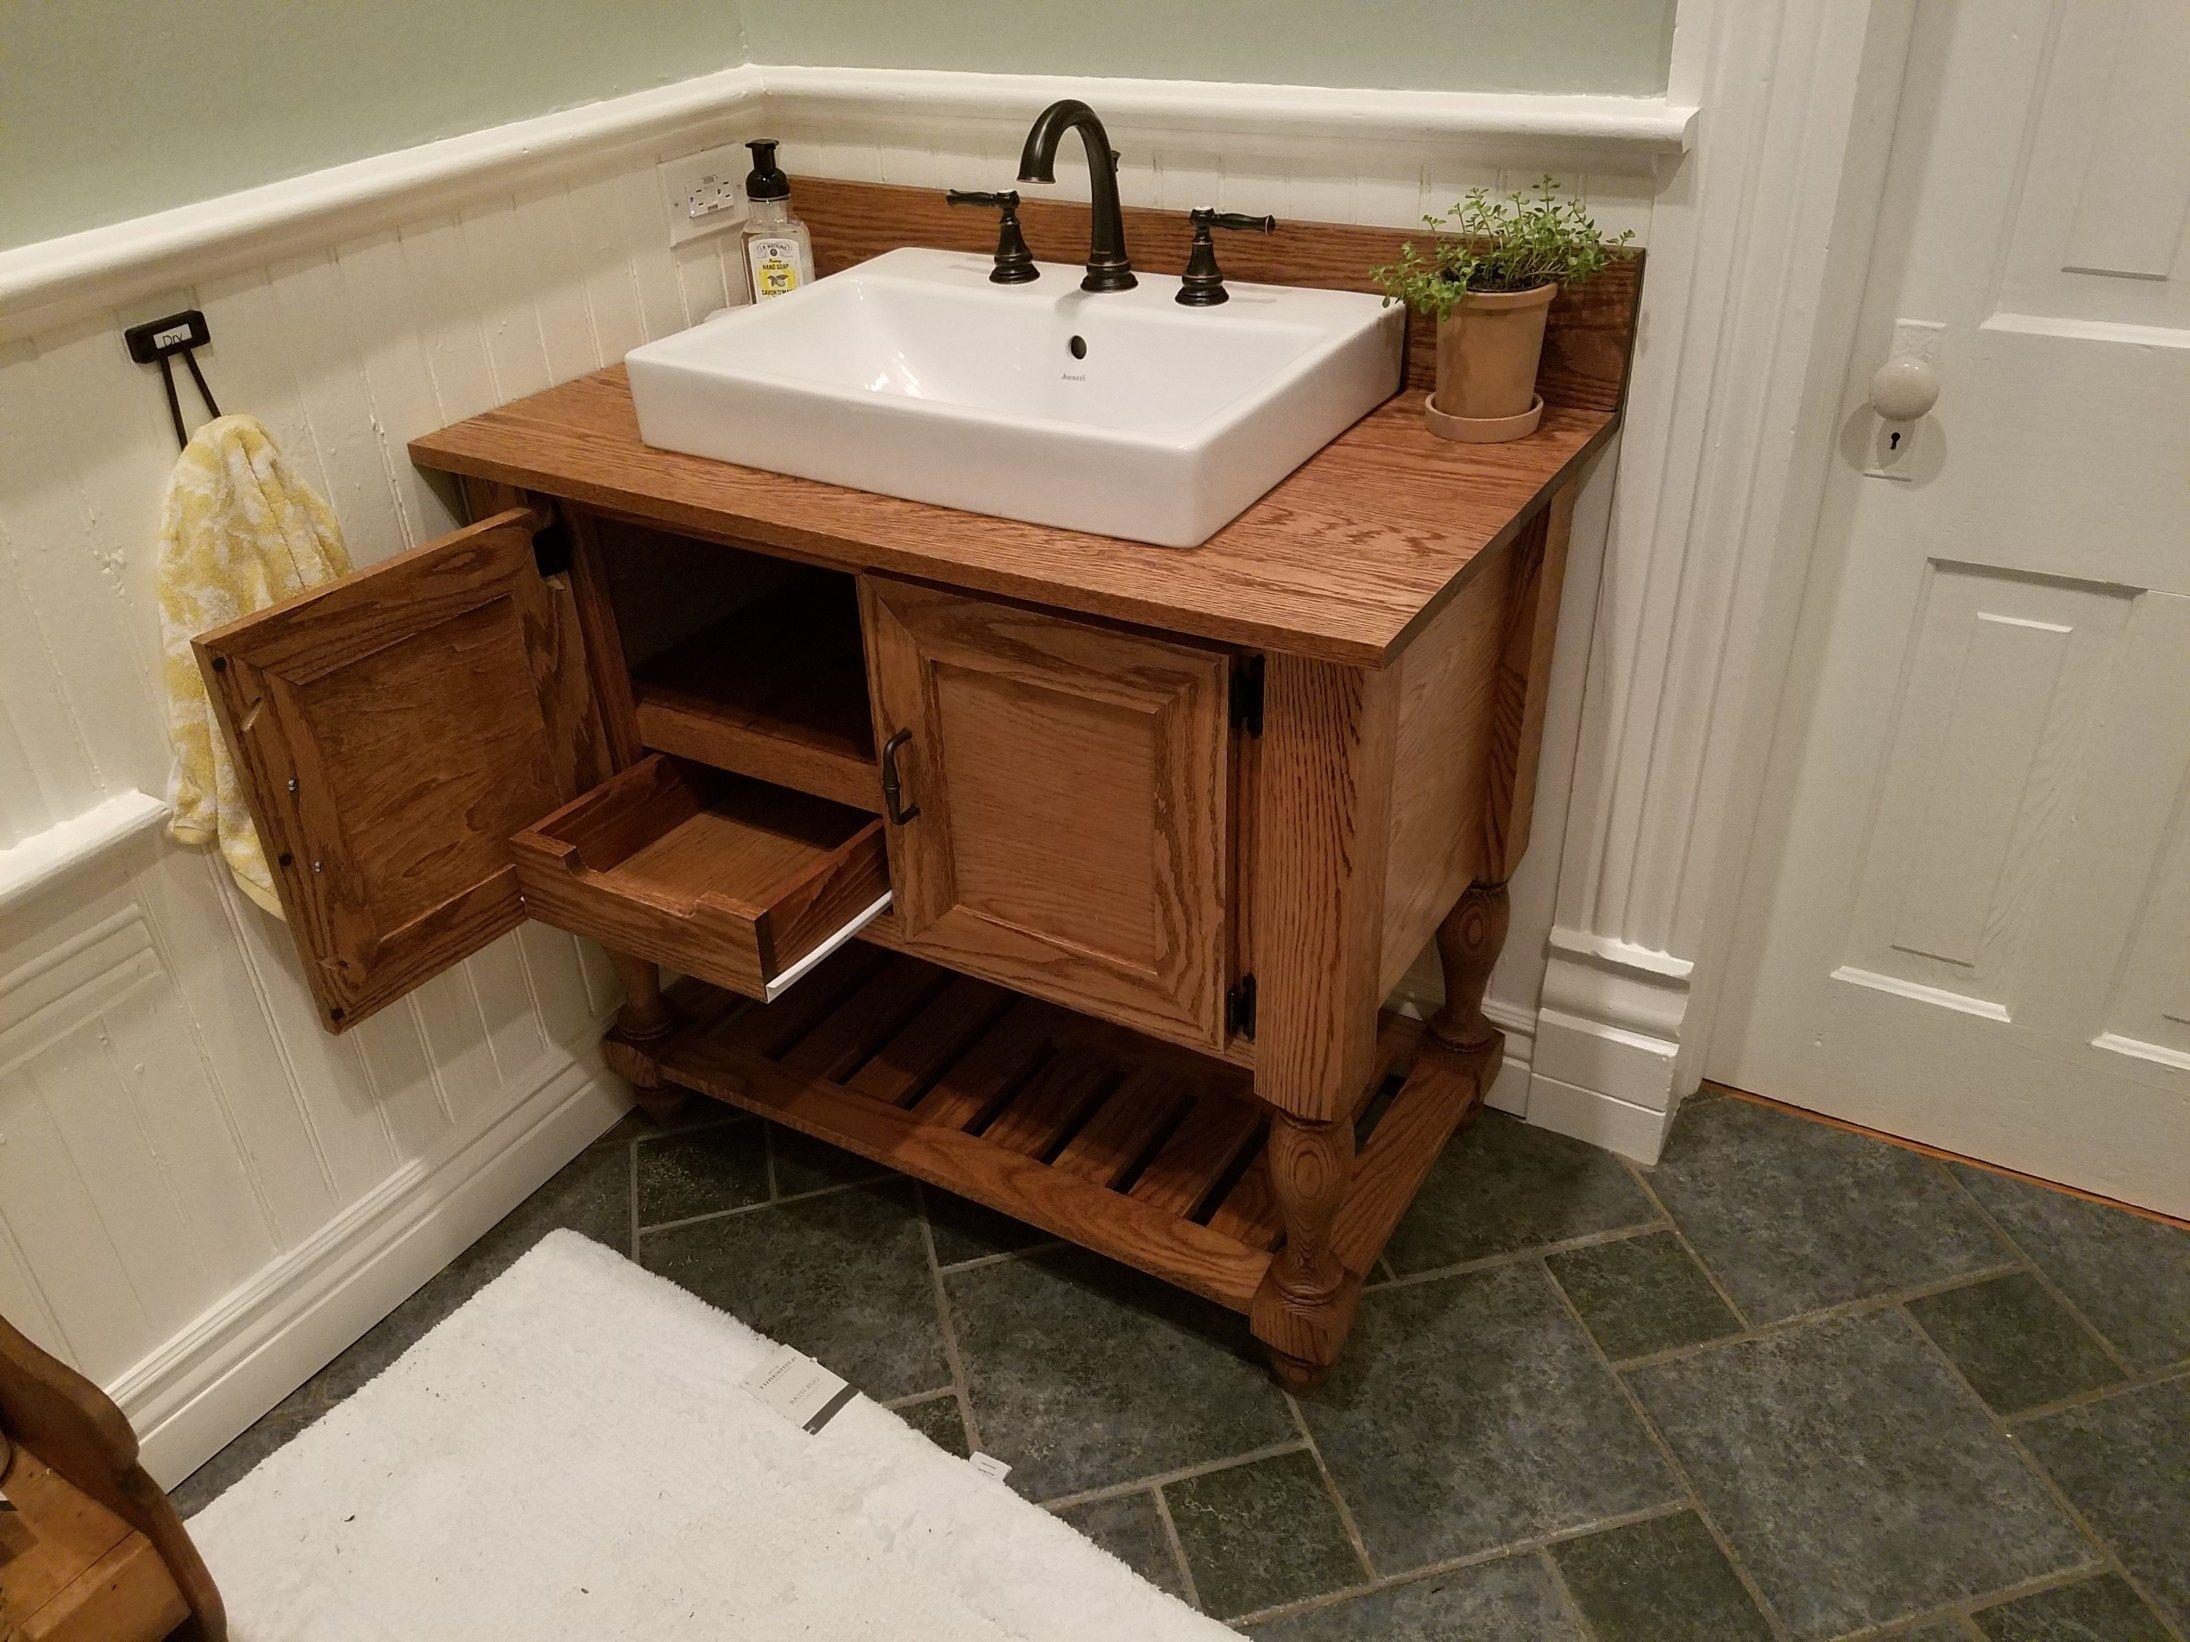 Diy Bathroom Vanity Wooden Bathroom Vanity Diy Bathroom Vanity Bathroom Vanity [ 1642 x 2190 Pixel ]